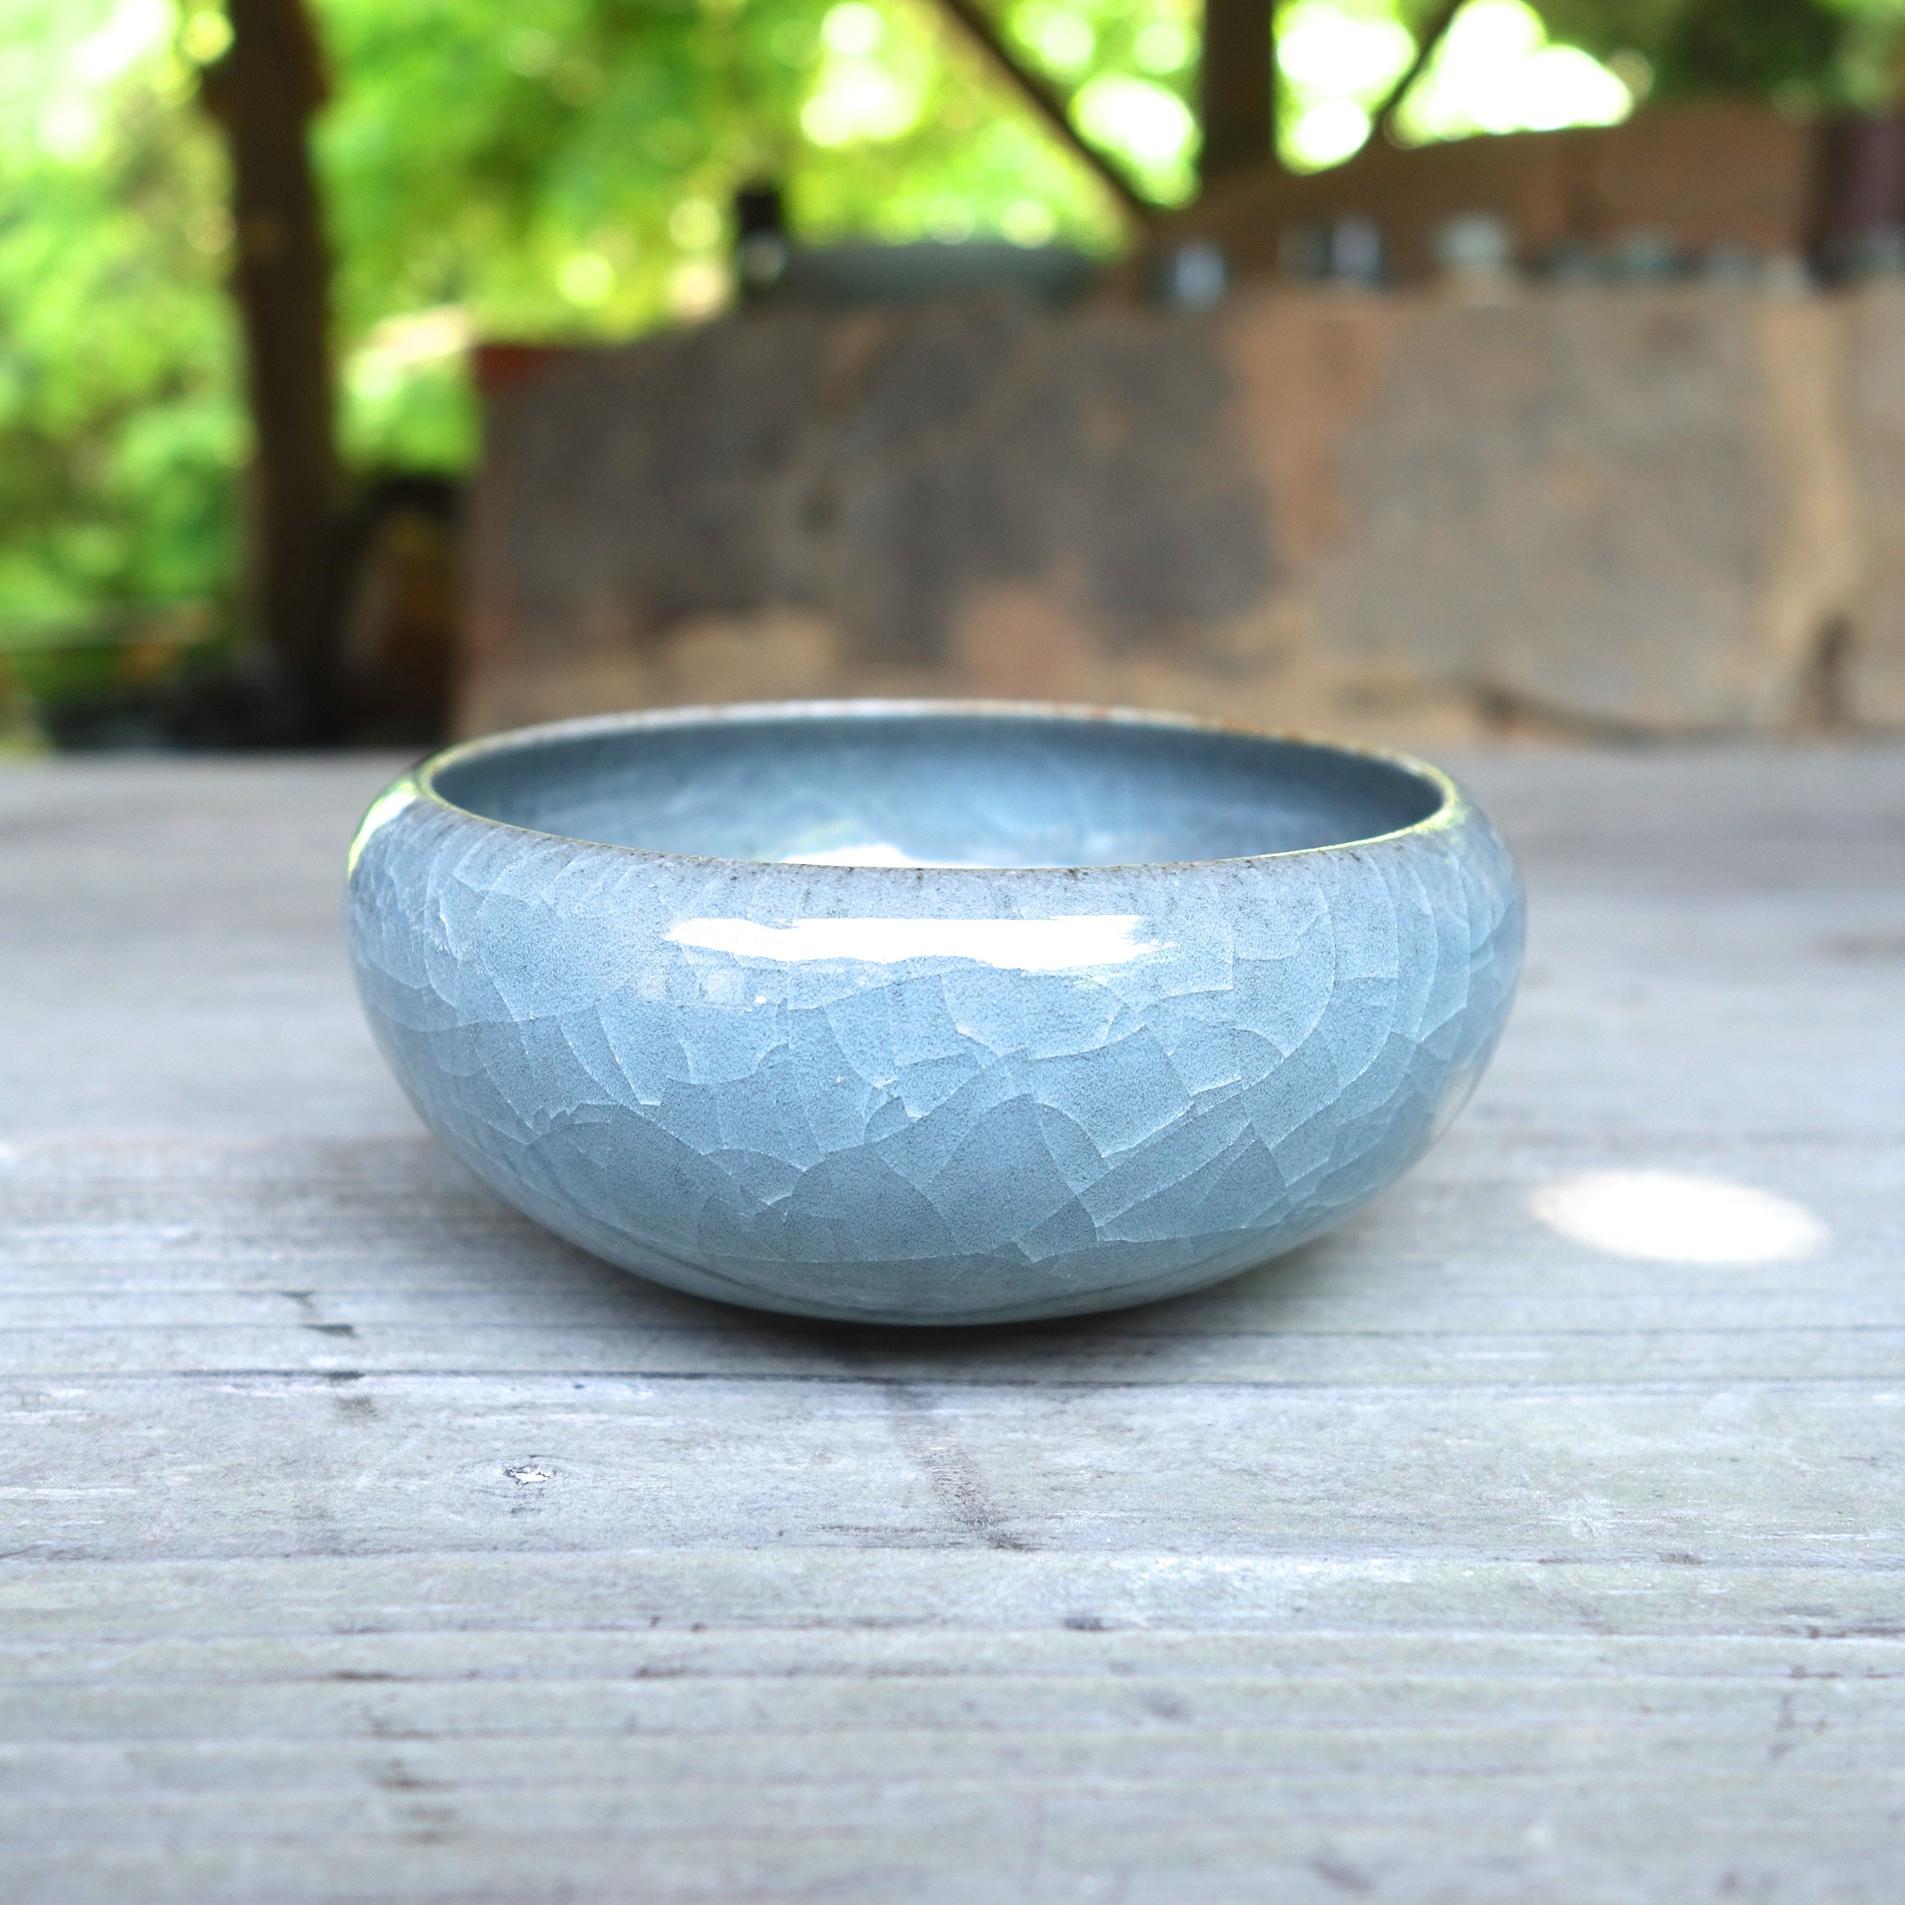 貫入青磁3寸小鉢